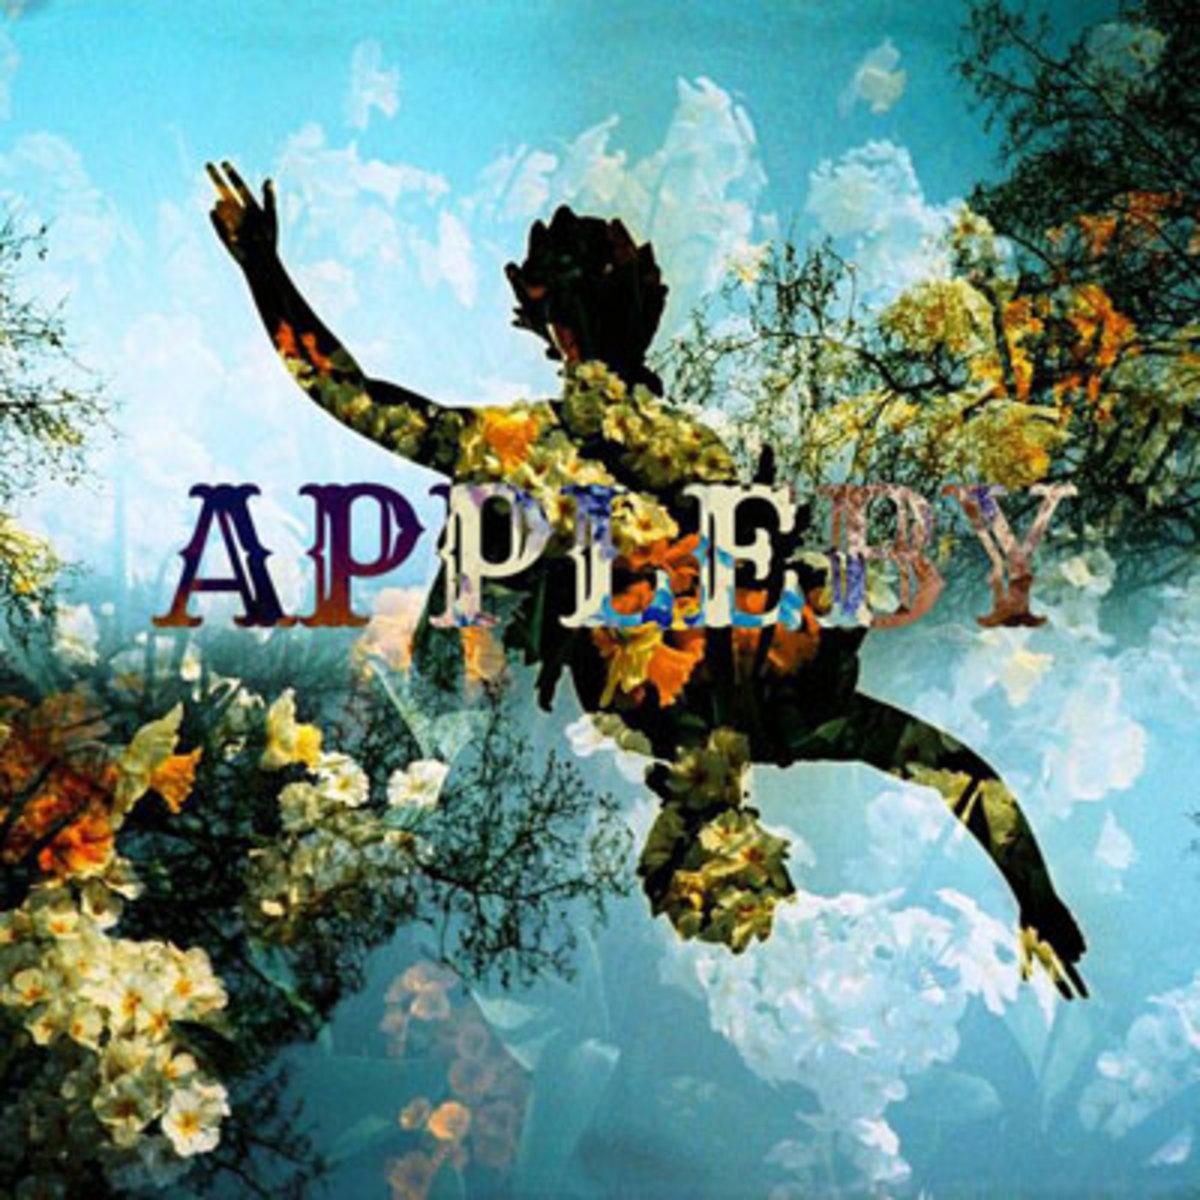 appleby.jpg